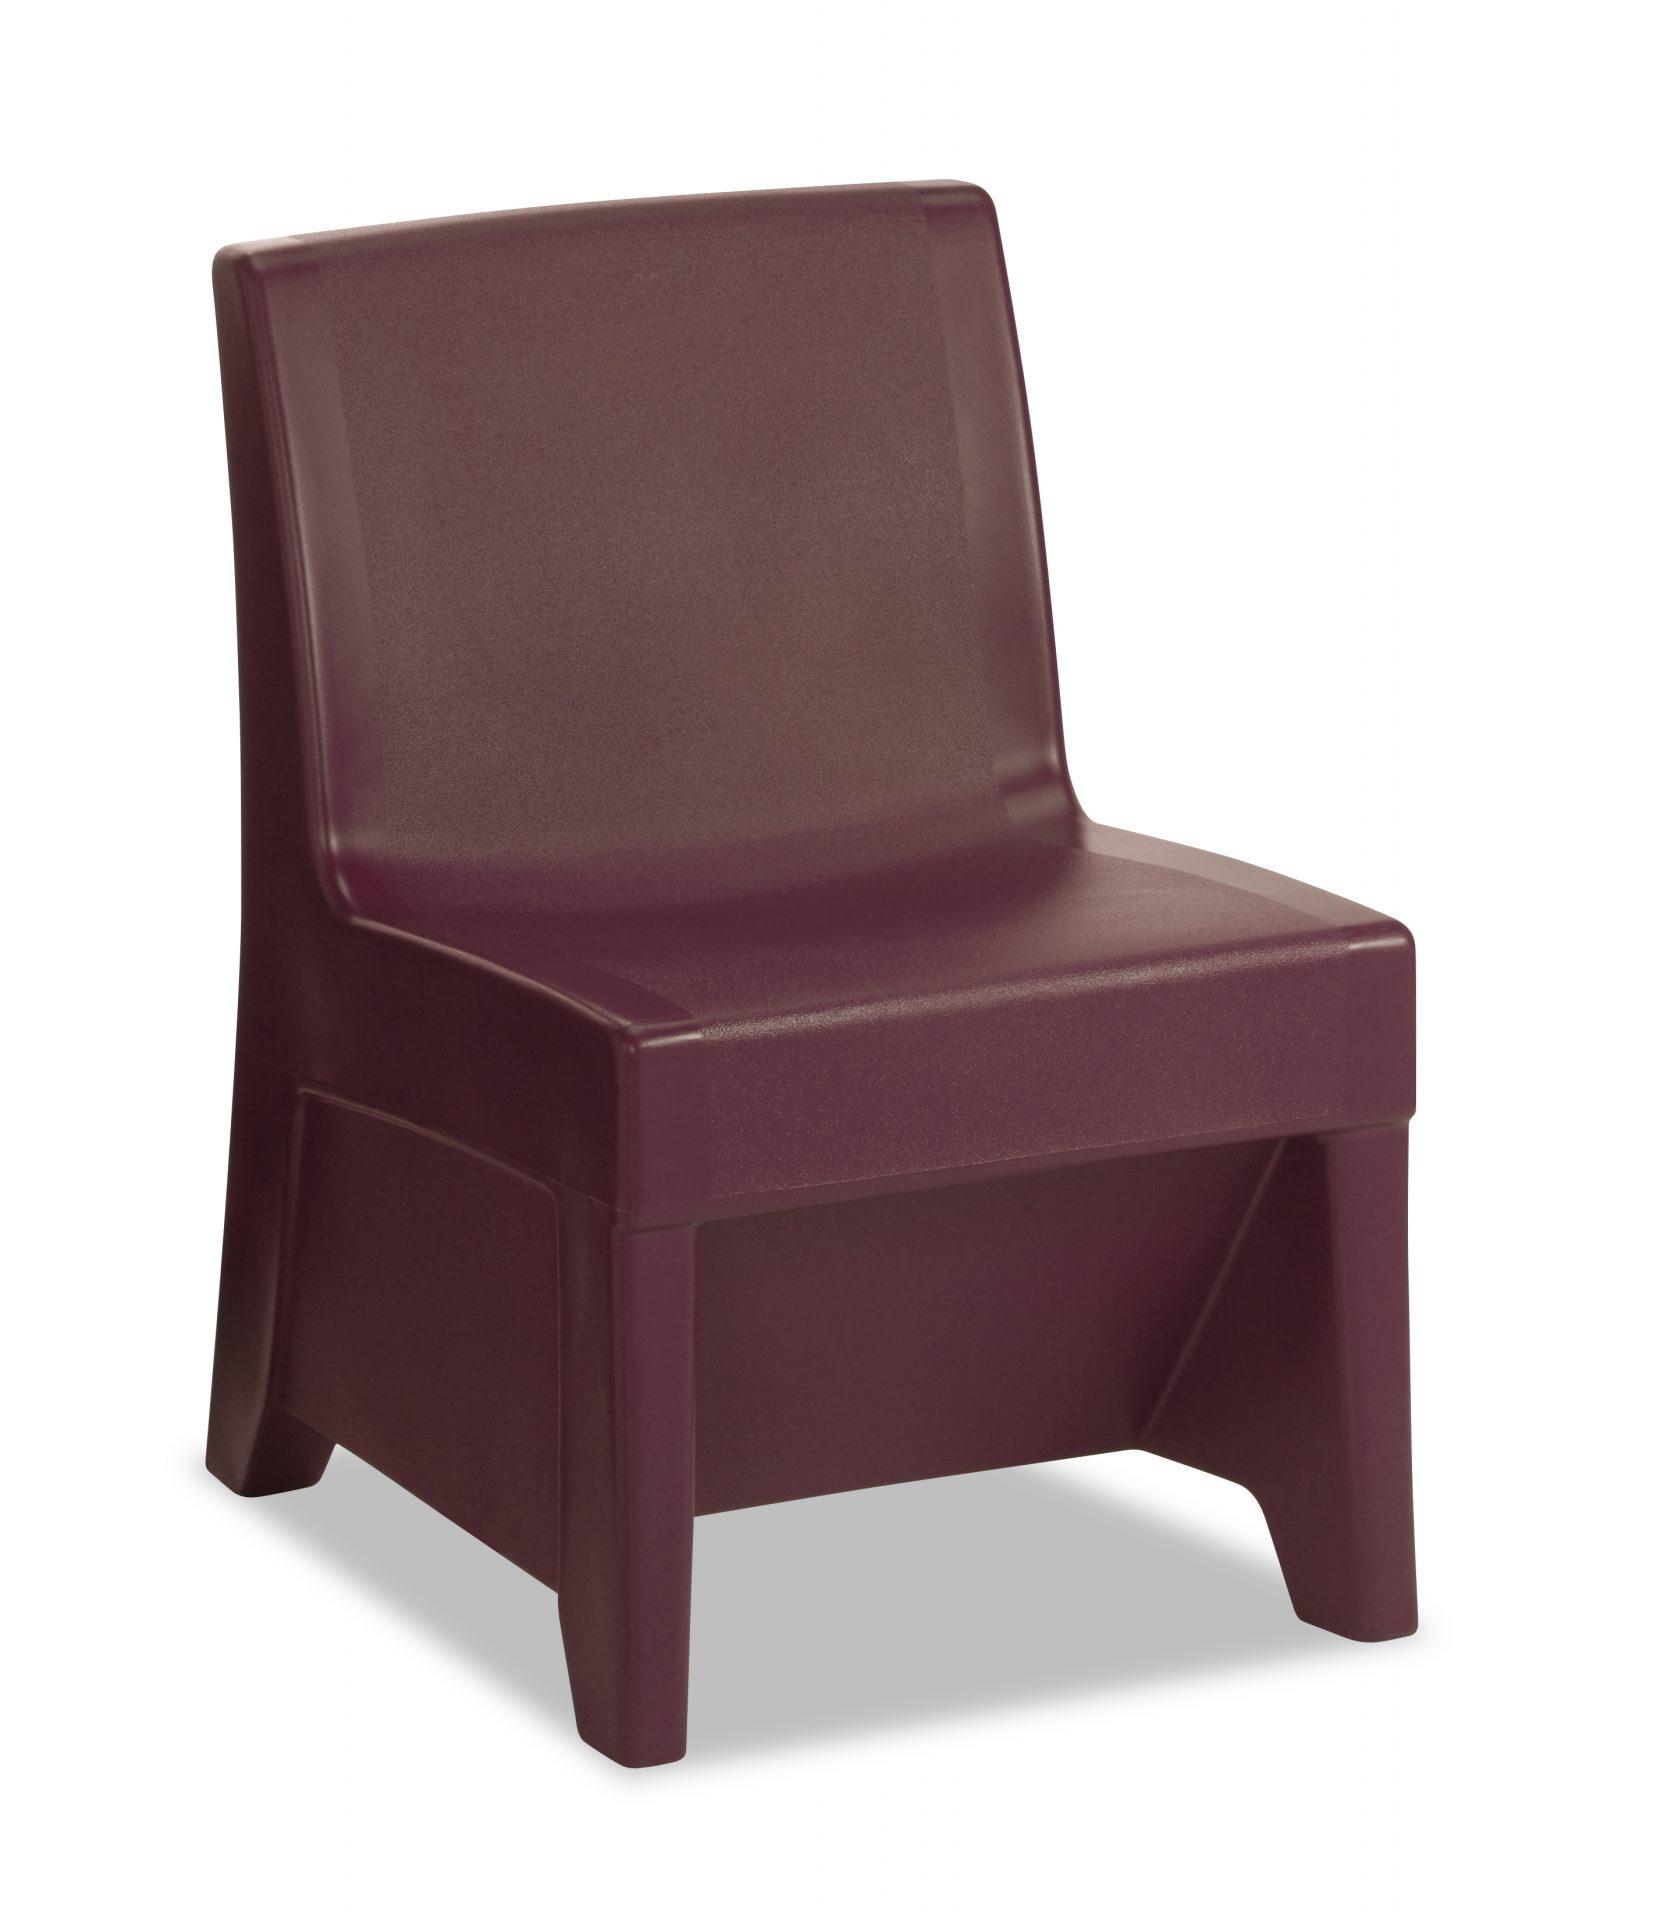 Wild Berry color ligature resistant chair